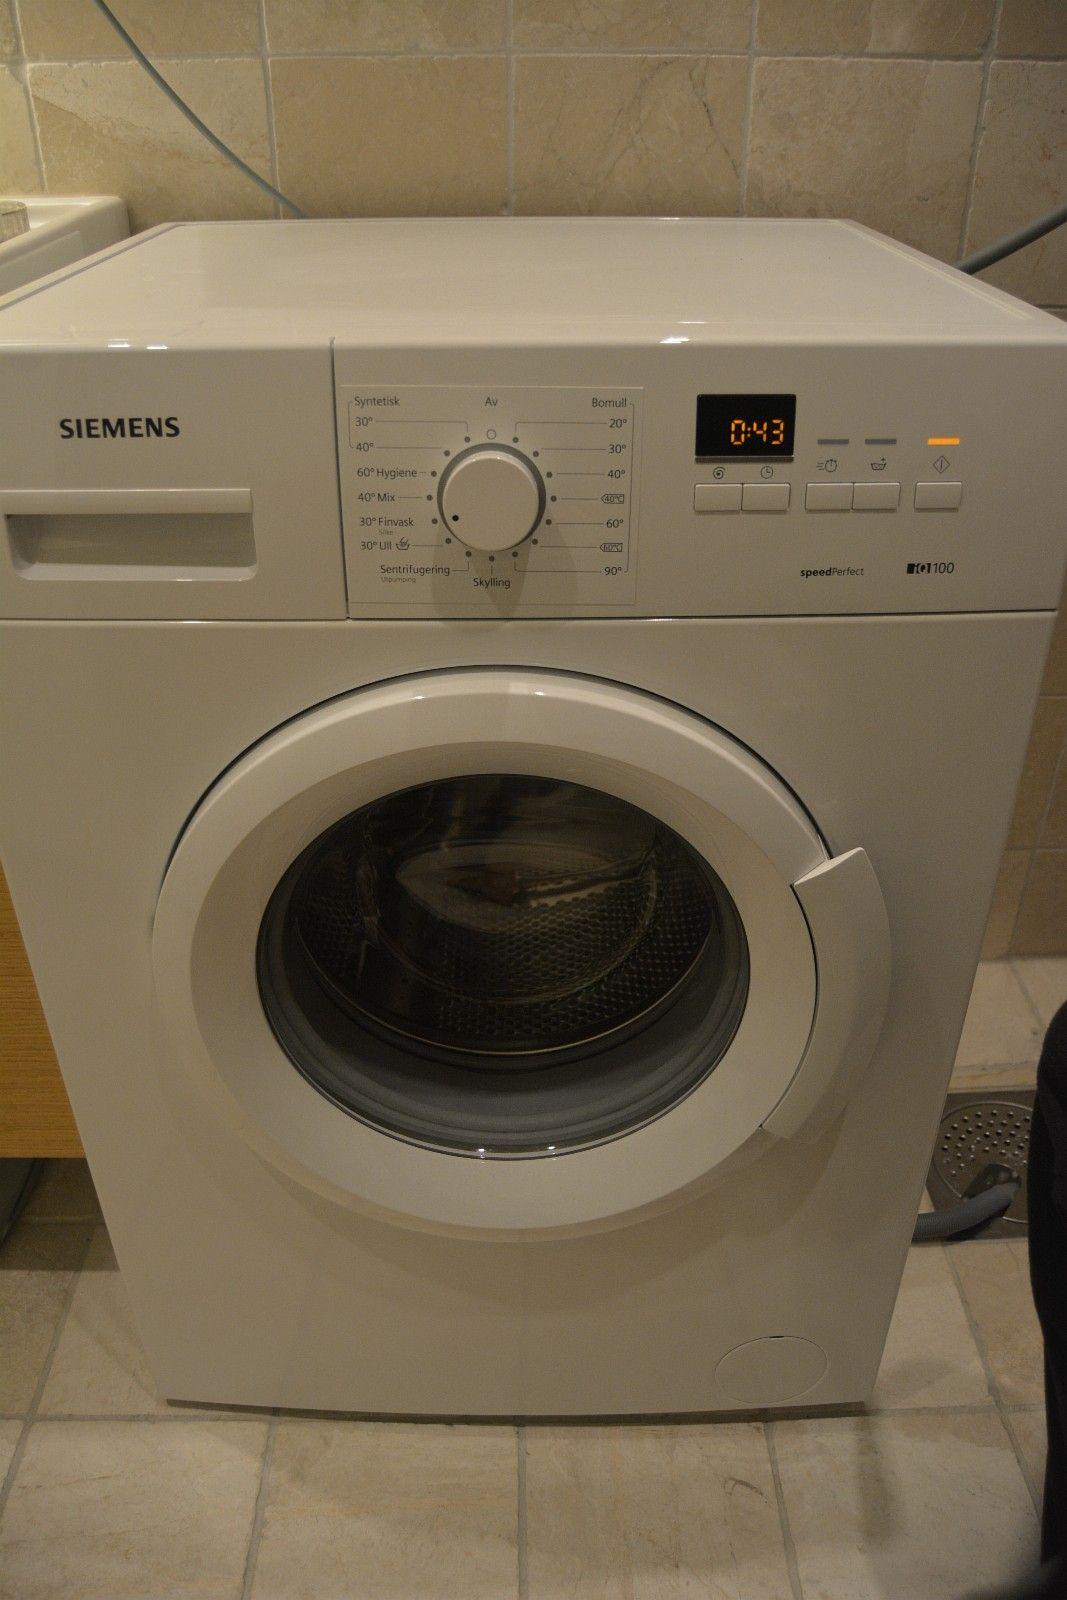 Siemens iq100 vaskemaskin - fremstår som ny - kjøpt ny i juli 2016 - Bergen  - Siemens vaskemaskin som ble kjøpt ny i juli 2016 selges grunnet flytting. Maskinen har vært svært lite brukt og fremstår som ny.   Nypris er 3695.- : https://www.elkjop.no/product/hvitevarer/vaskemaskin/WM12B166DN/siemens-vaskemaskin - Bergen